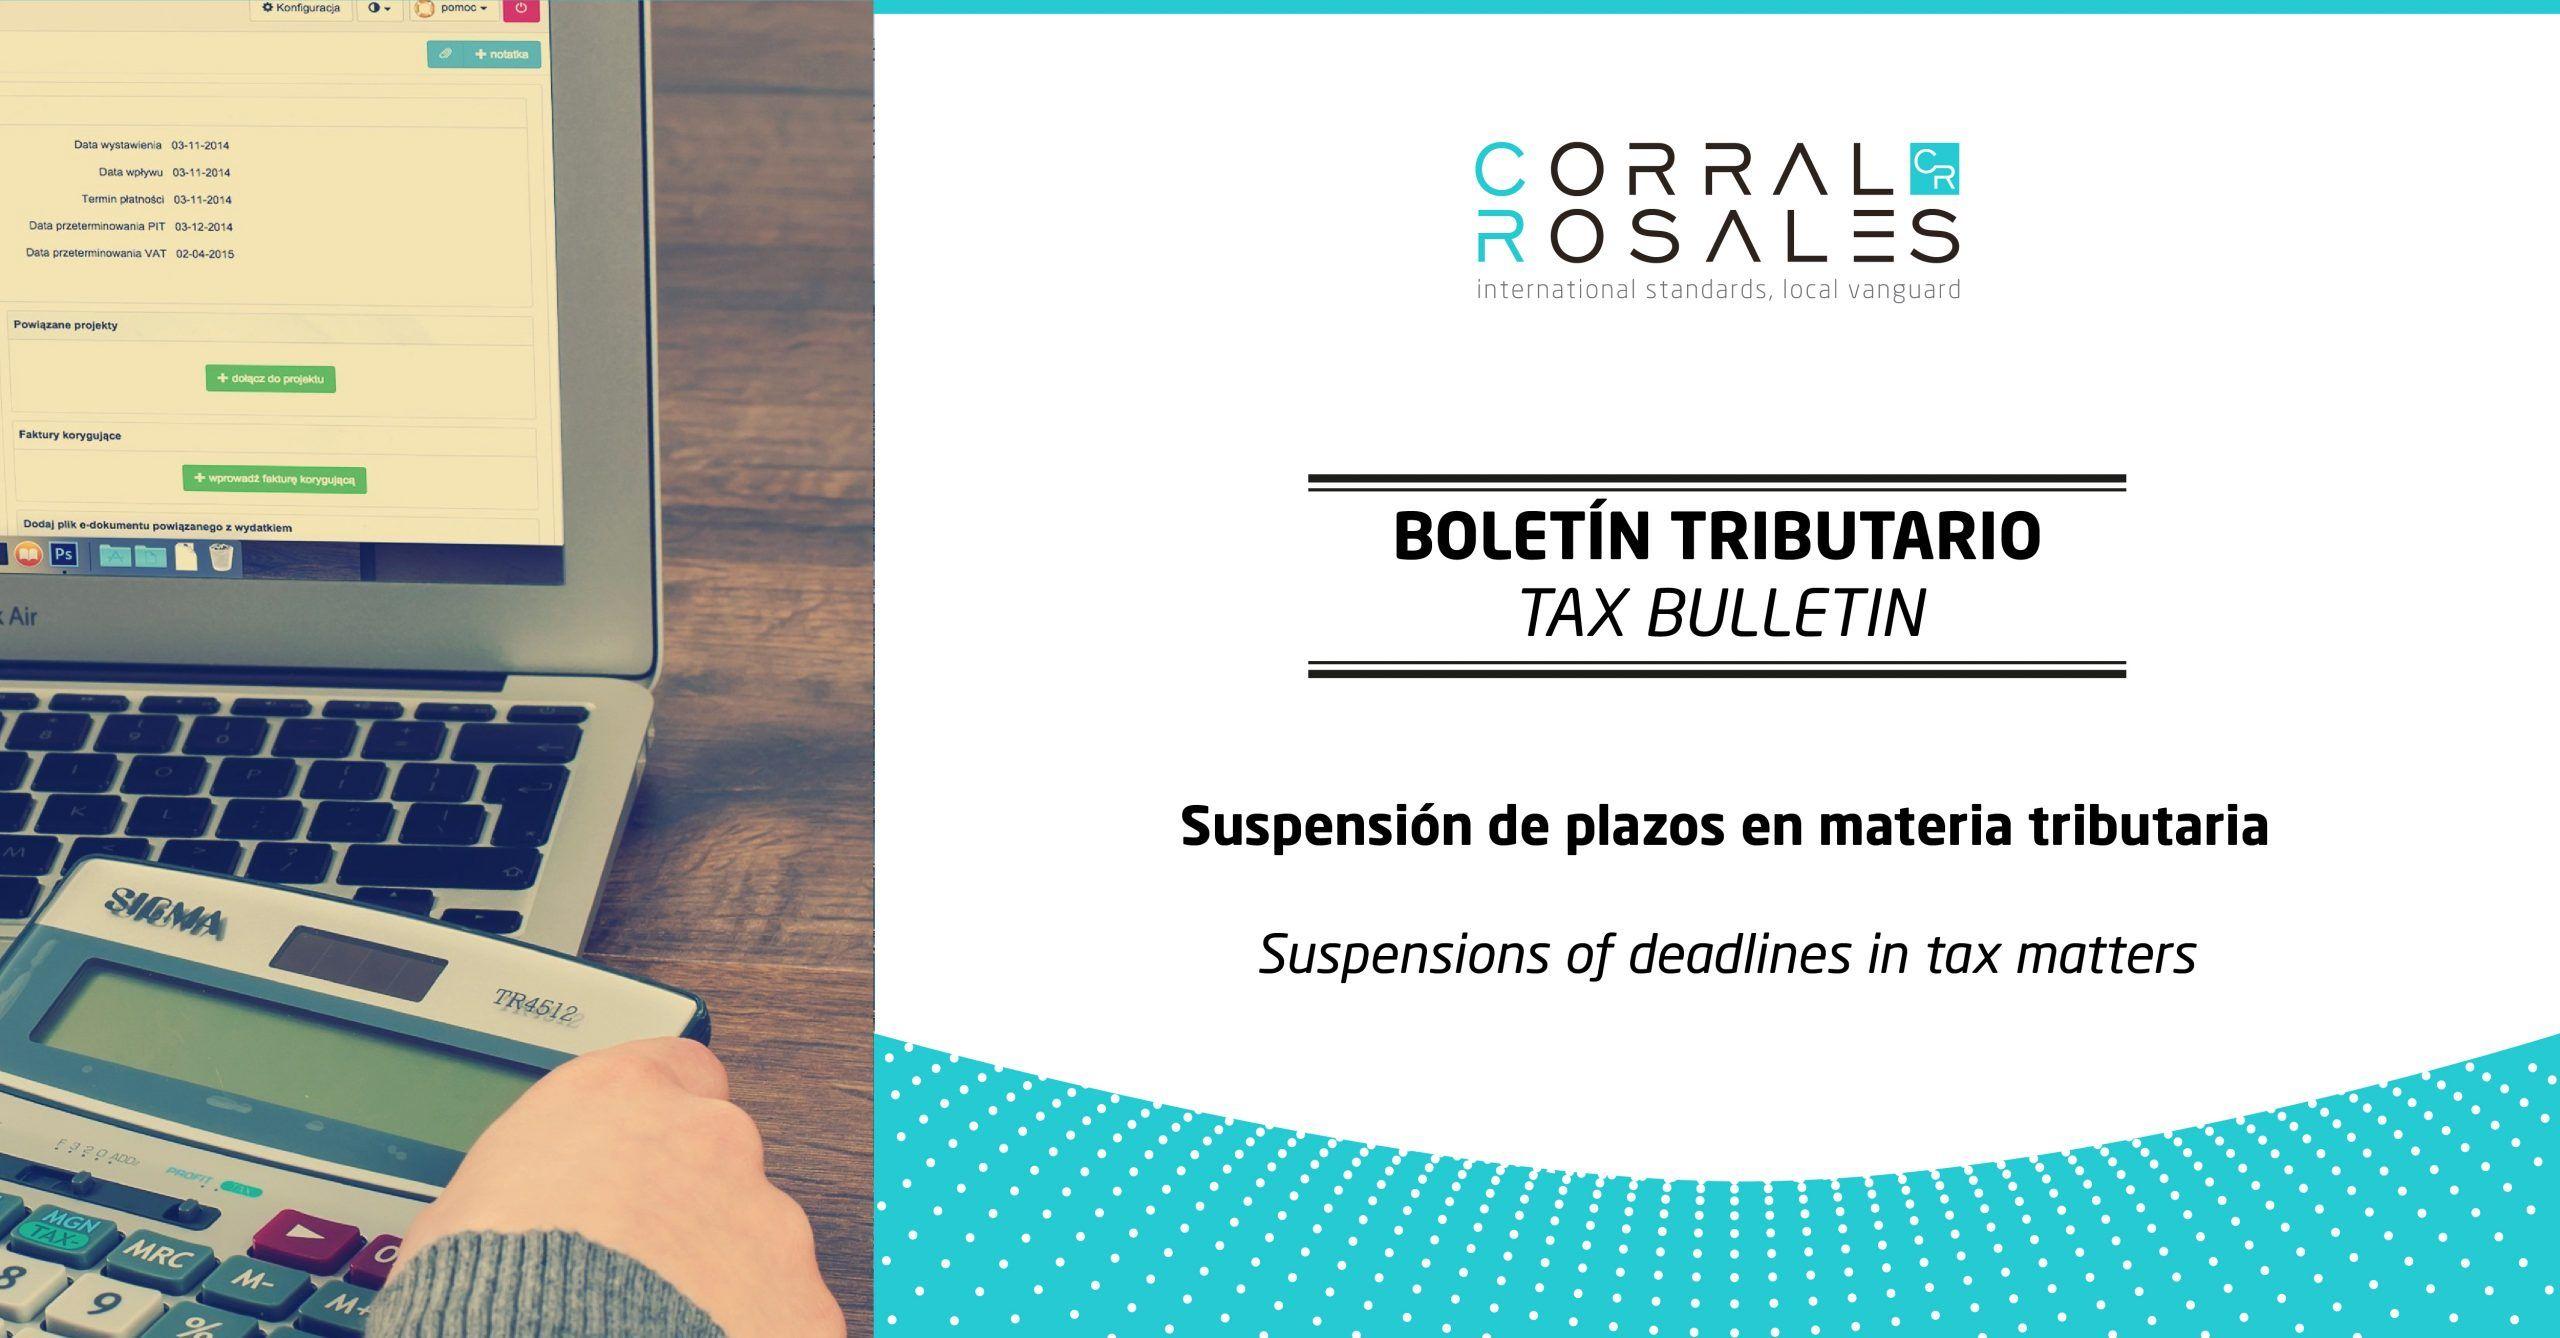 corral-rosales-abogados-ecuador-suspension-de-plazos-en-materia-tributaria